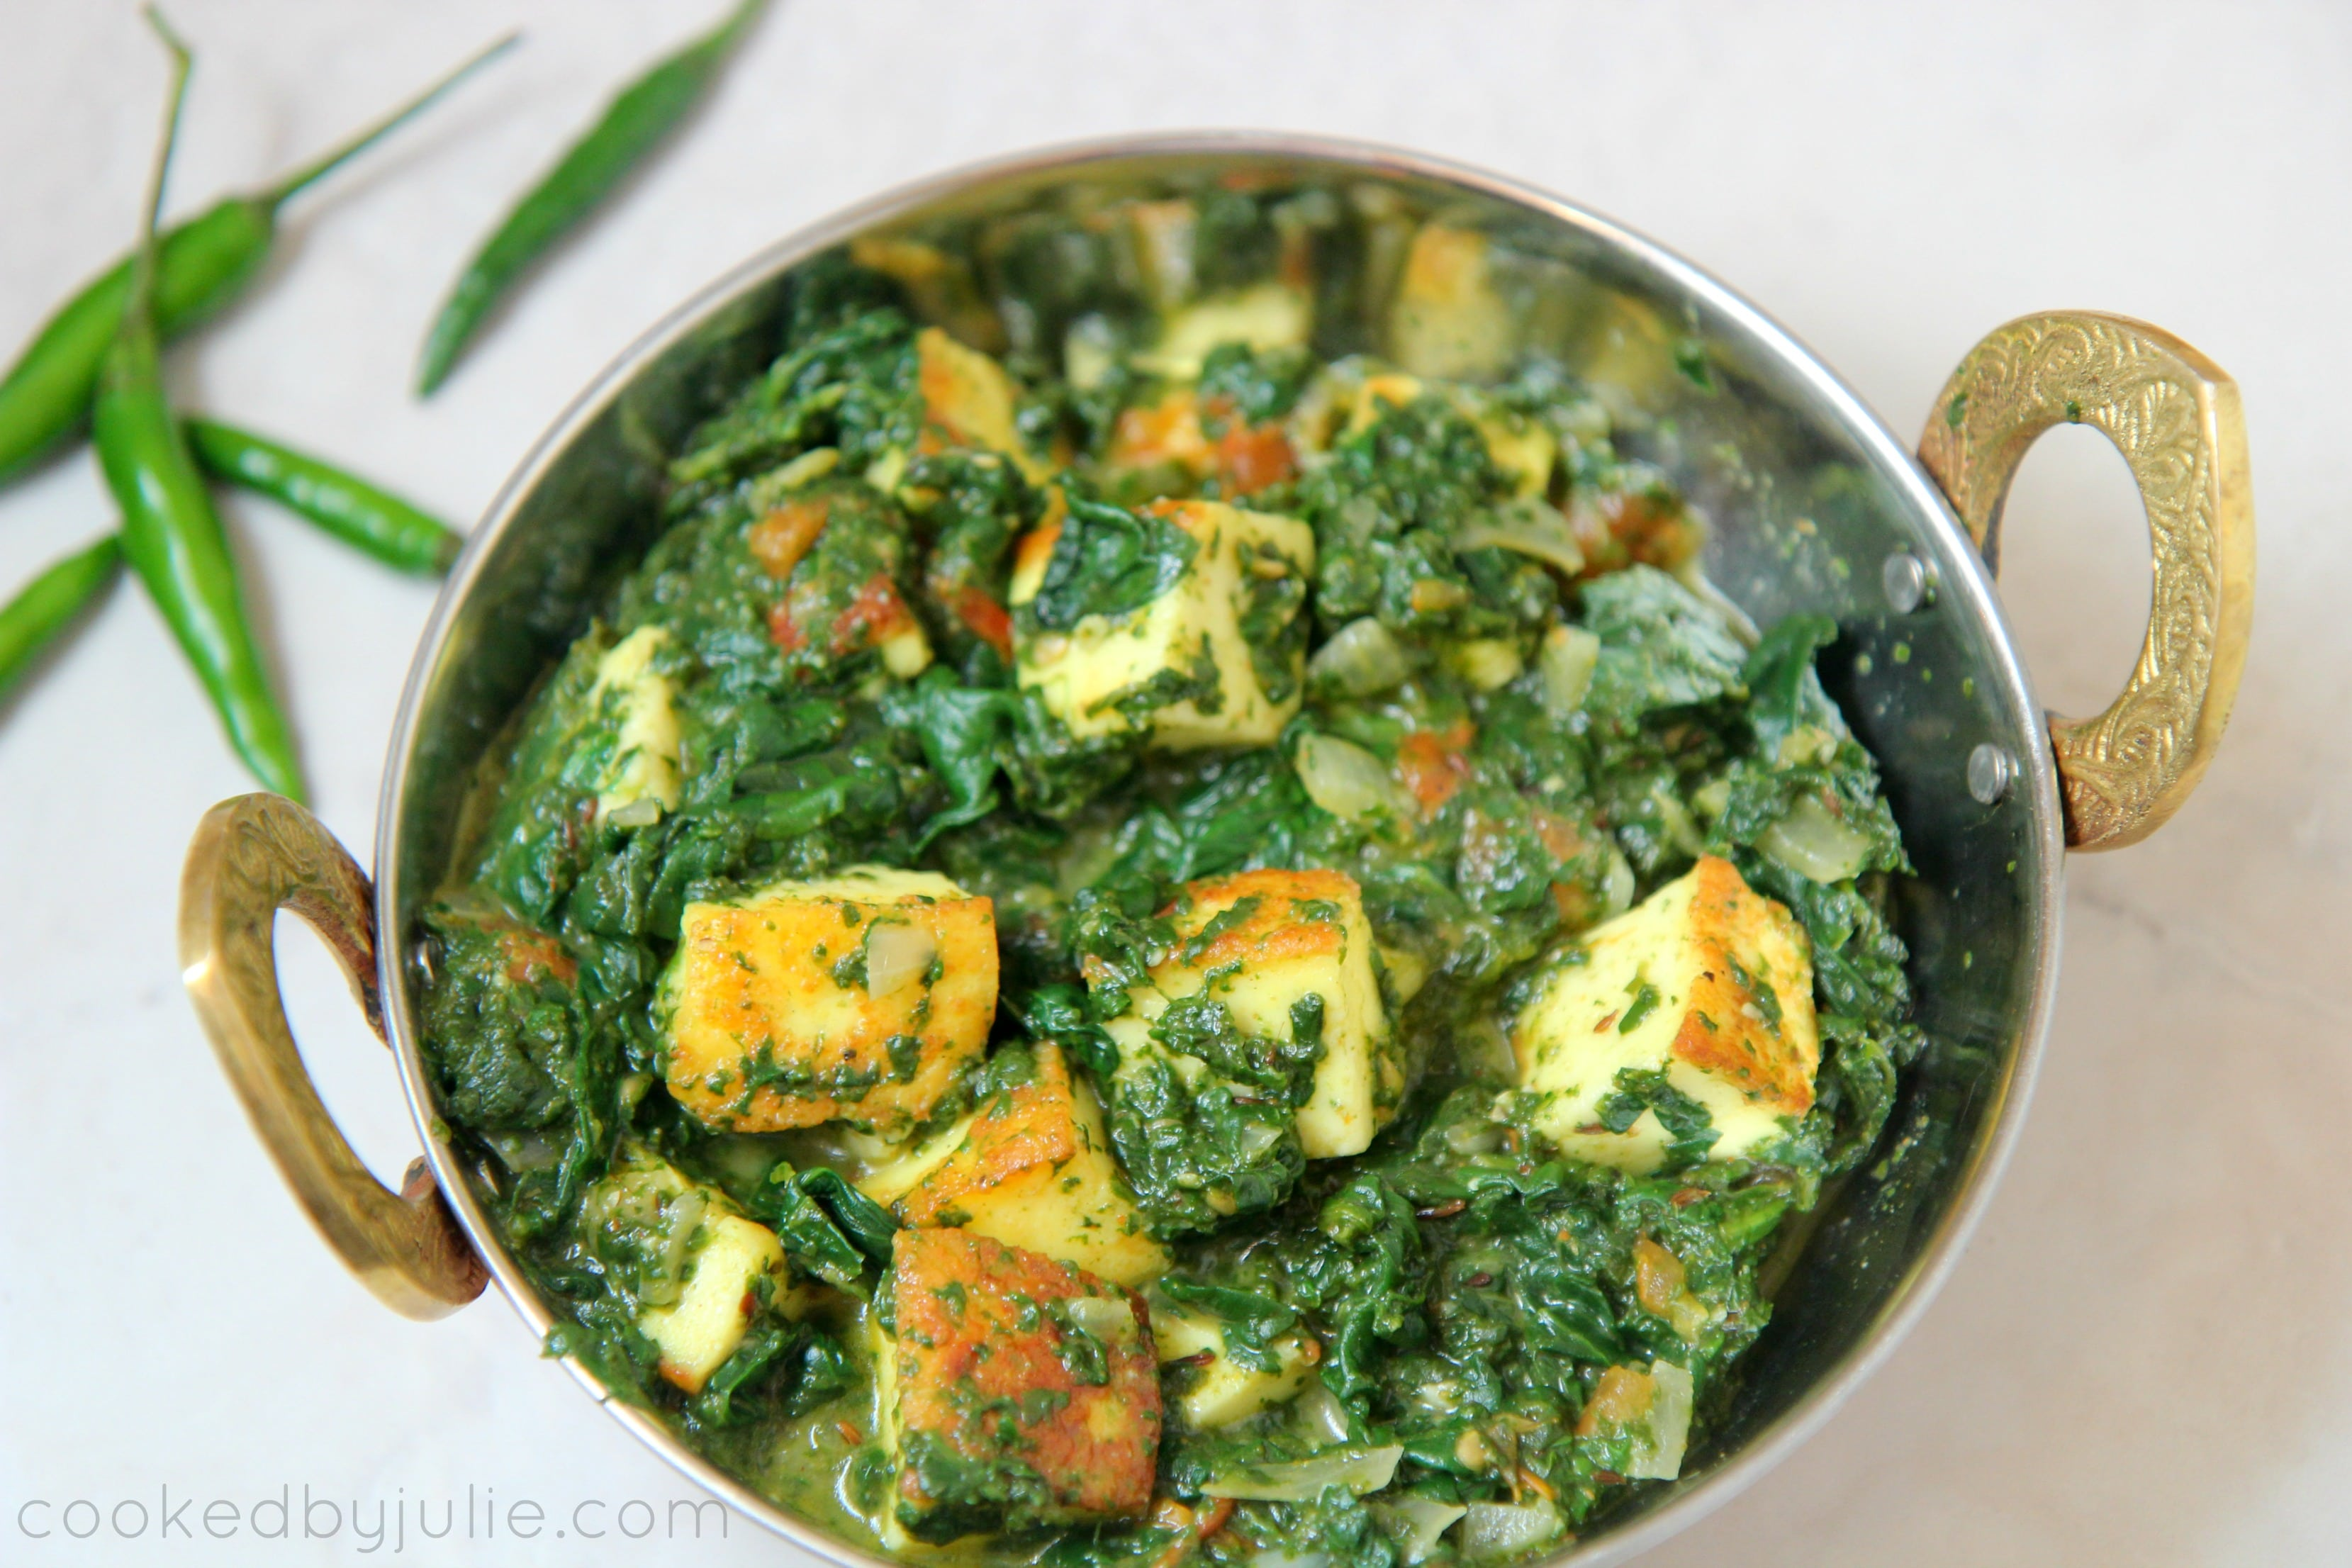 Saag Paneer Keto Friendly Gluten Free Cooked By Julie Video